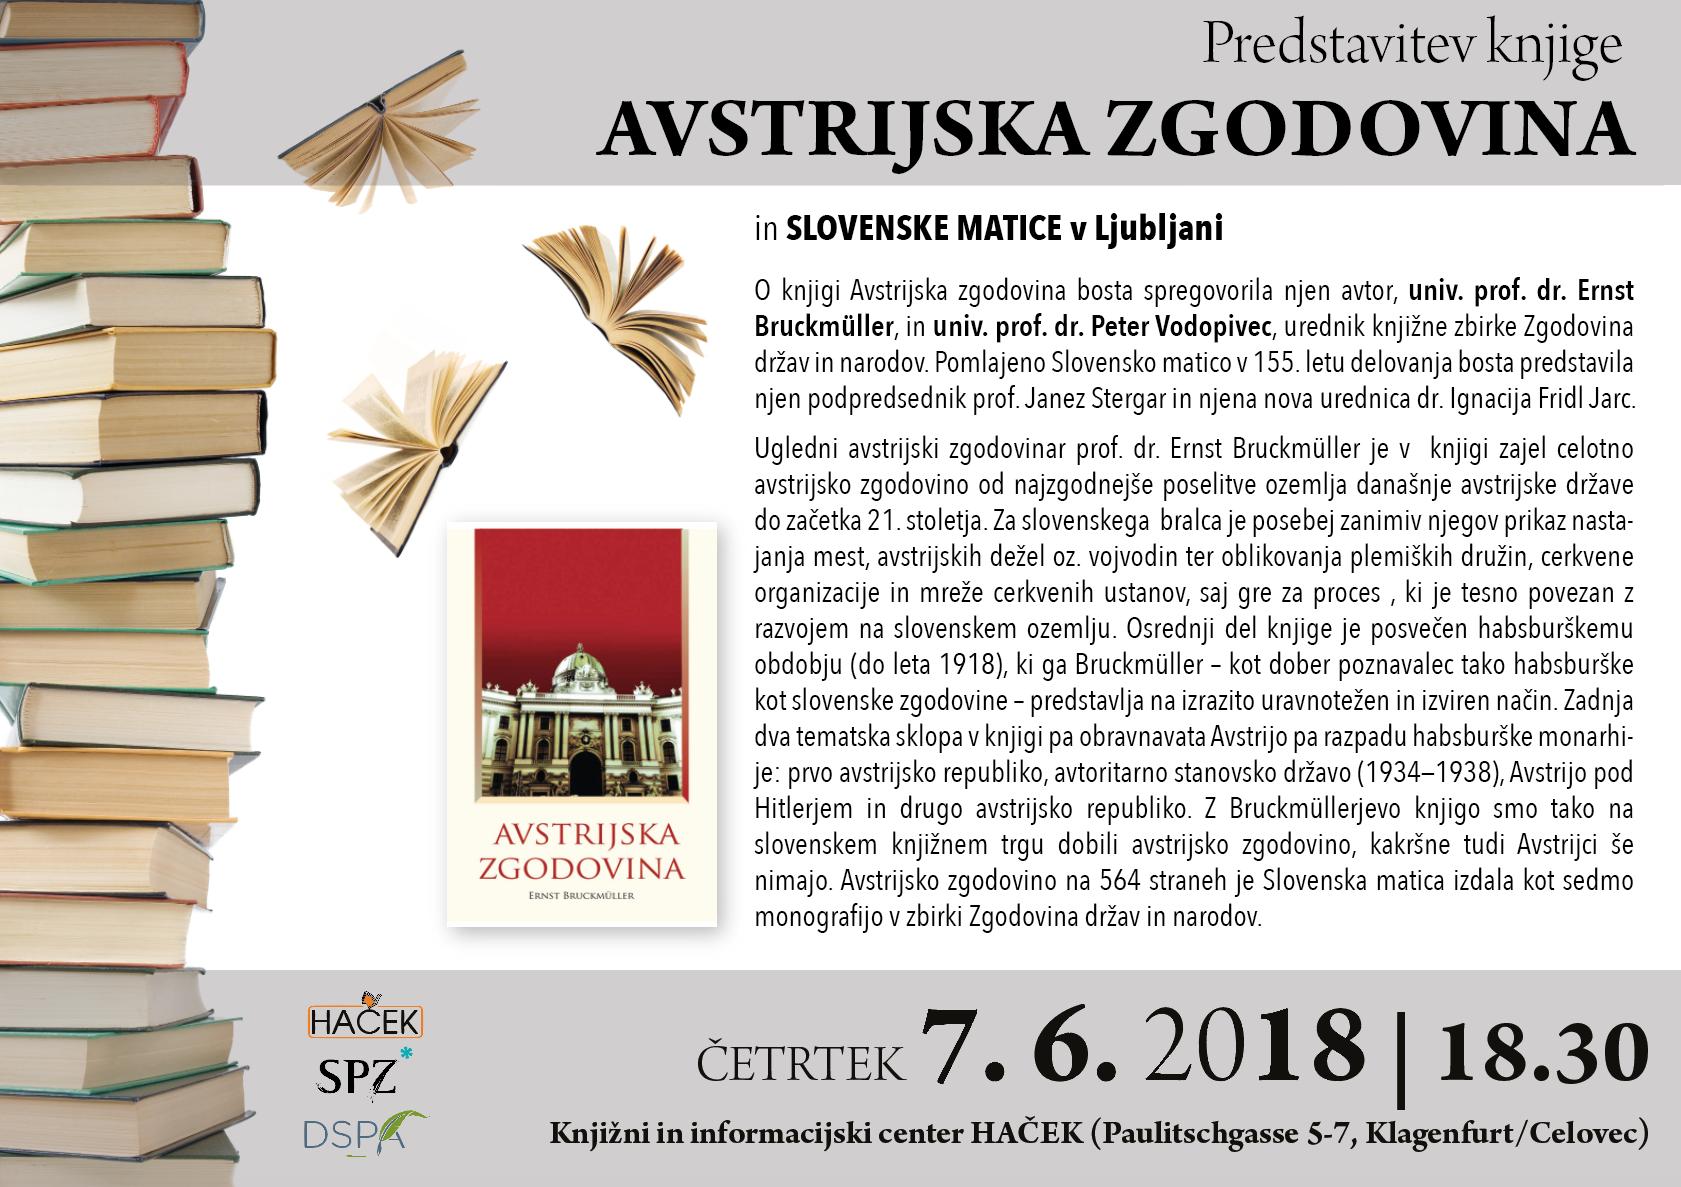 Predstavitev knjige Avstrijska zgodovina in Slovenske matice